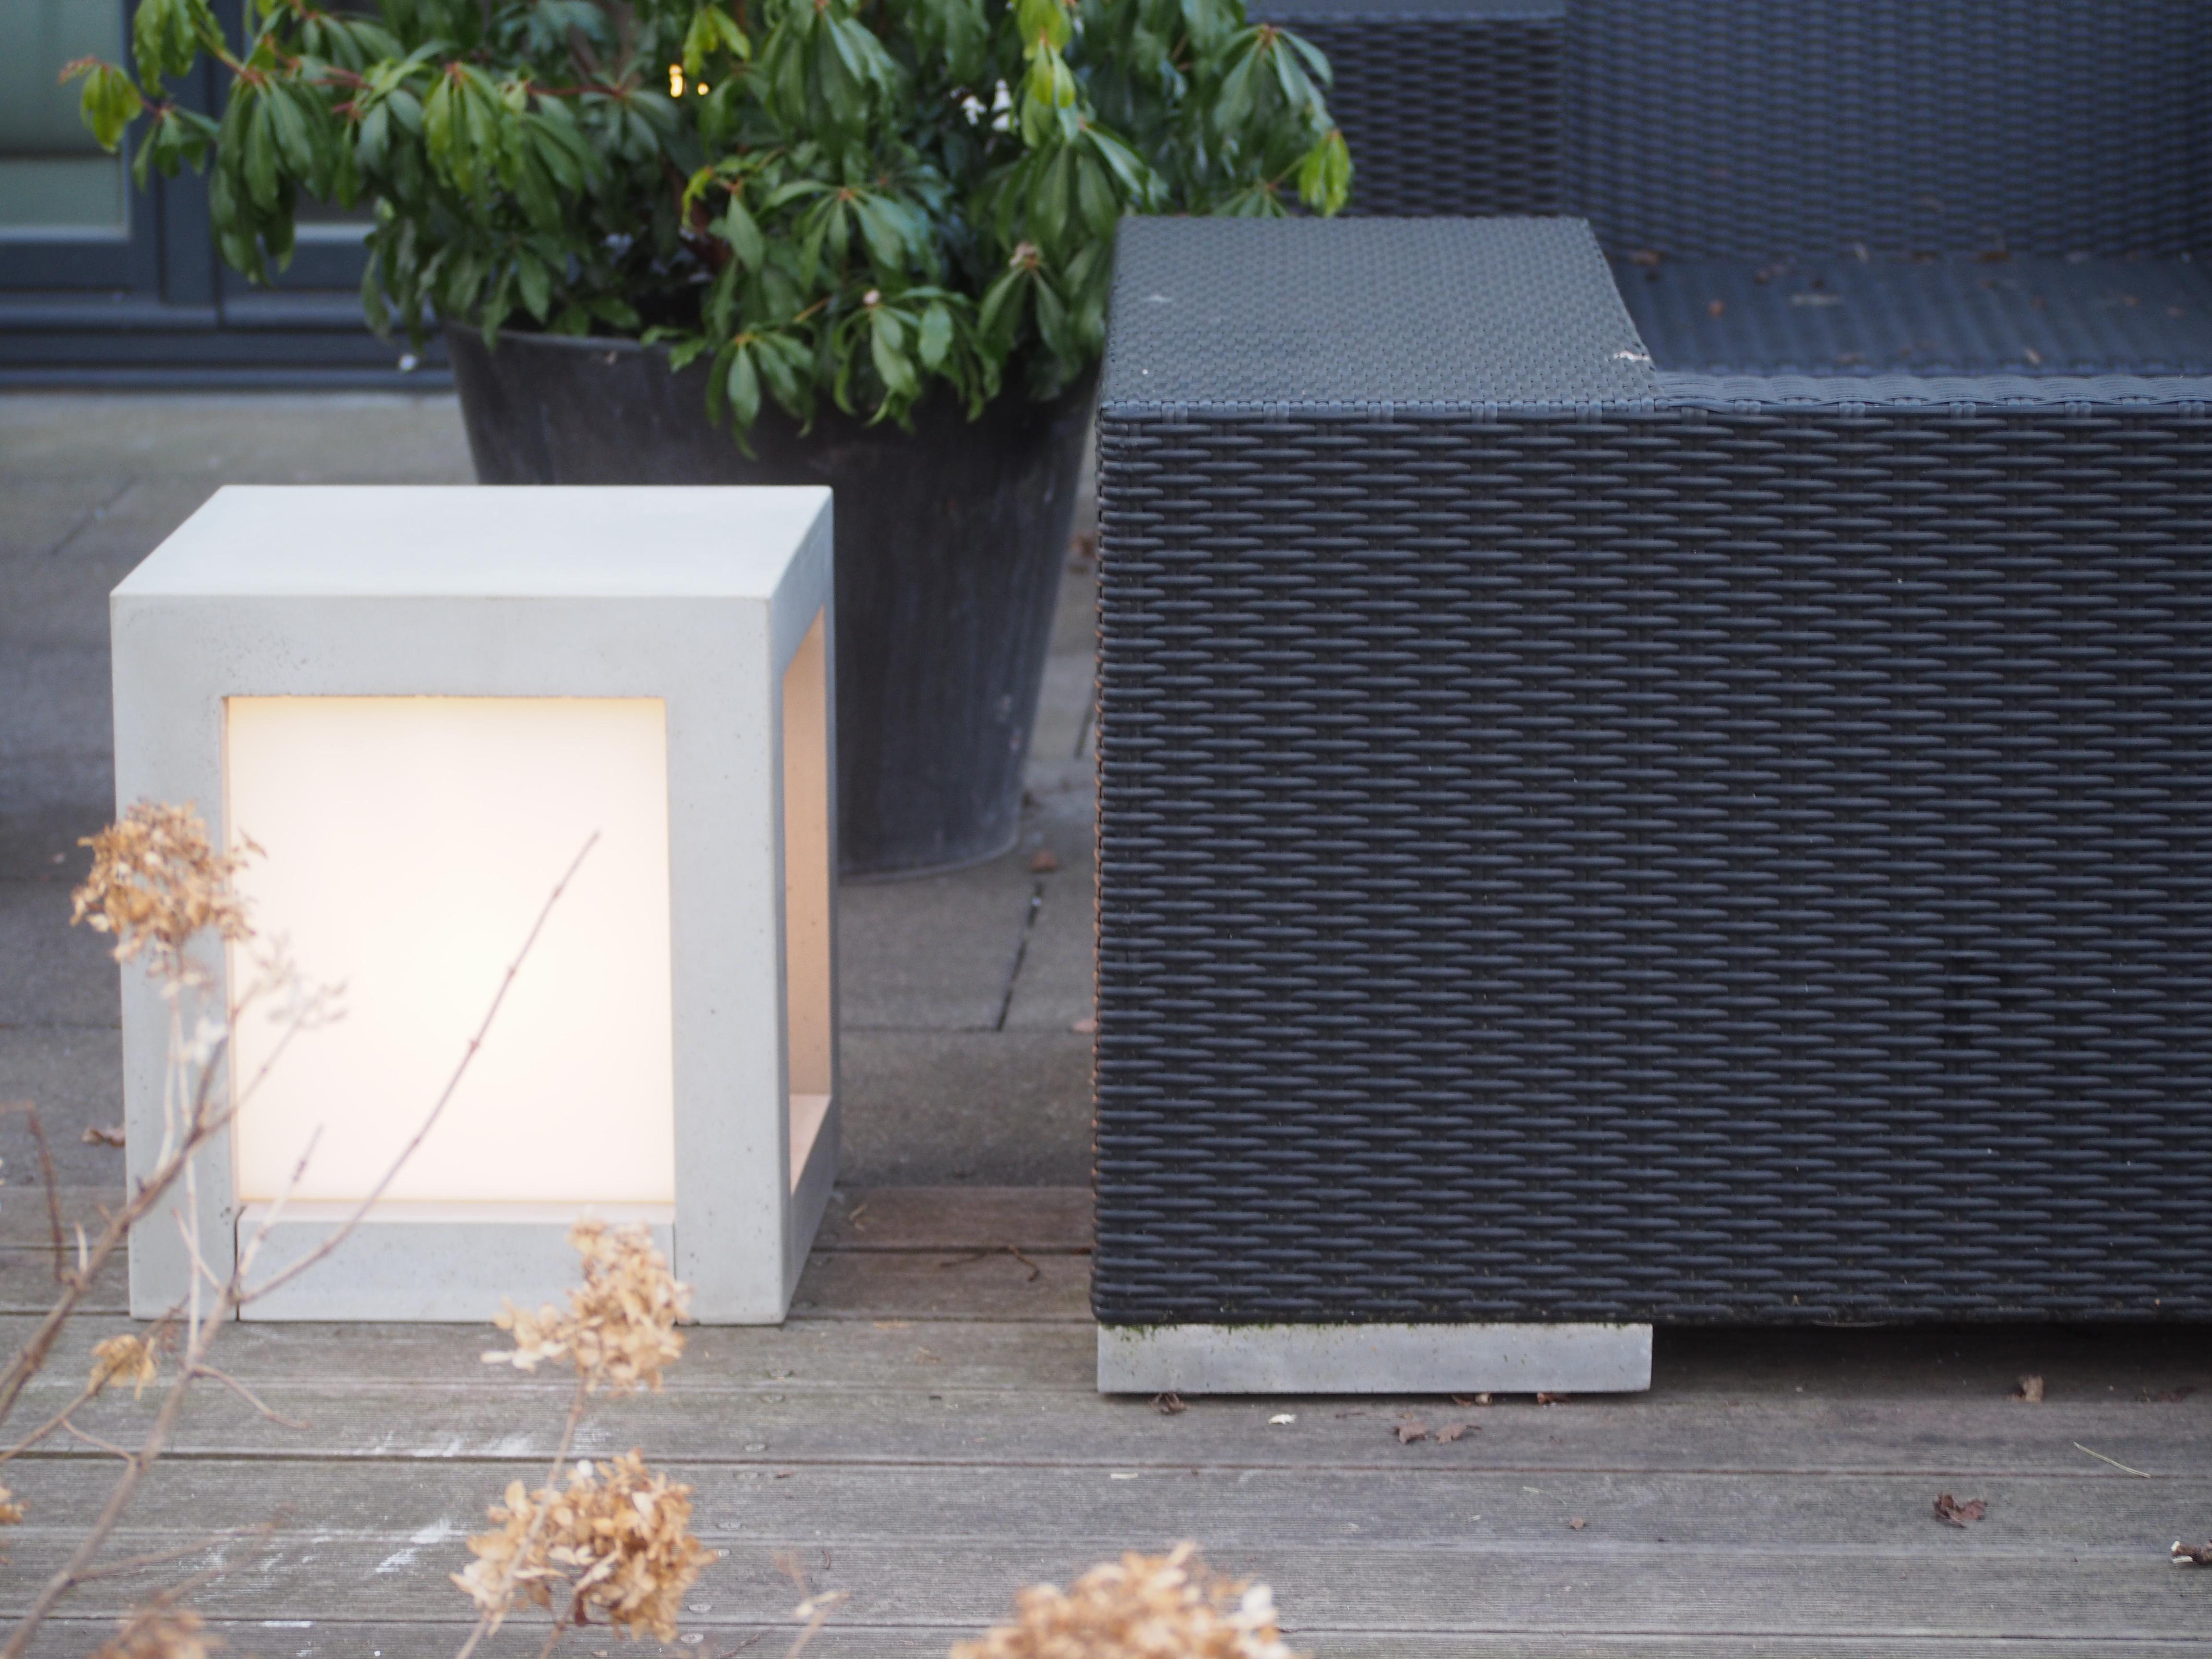 Elegant Hochwertig Lichtwürfel Für Innen Und Außen #hocker #betonmöbel ©Foto  Betoniu GmbH